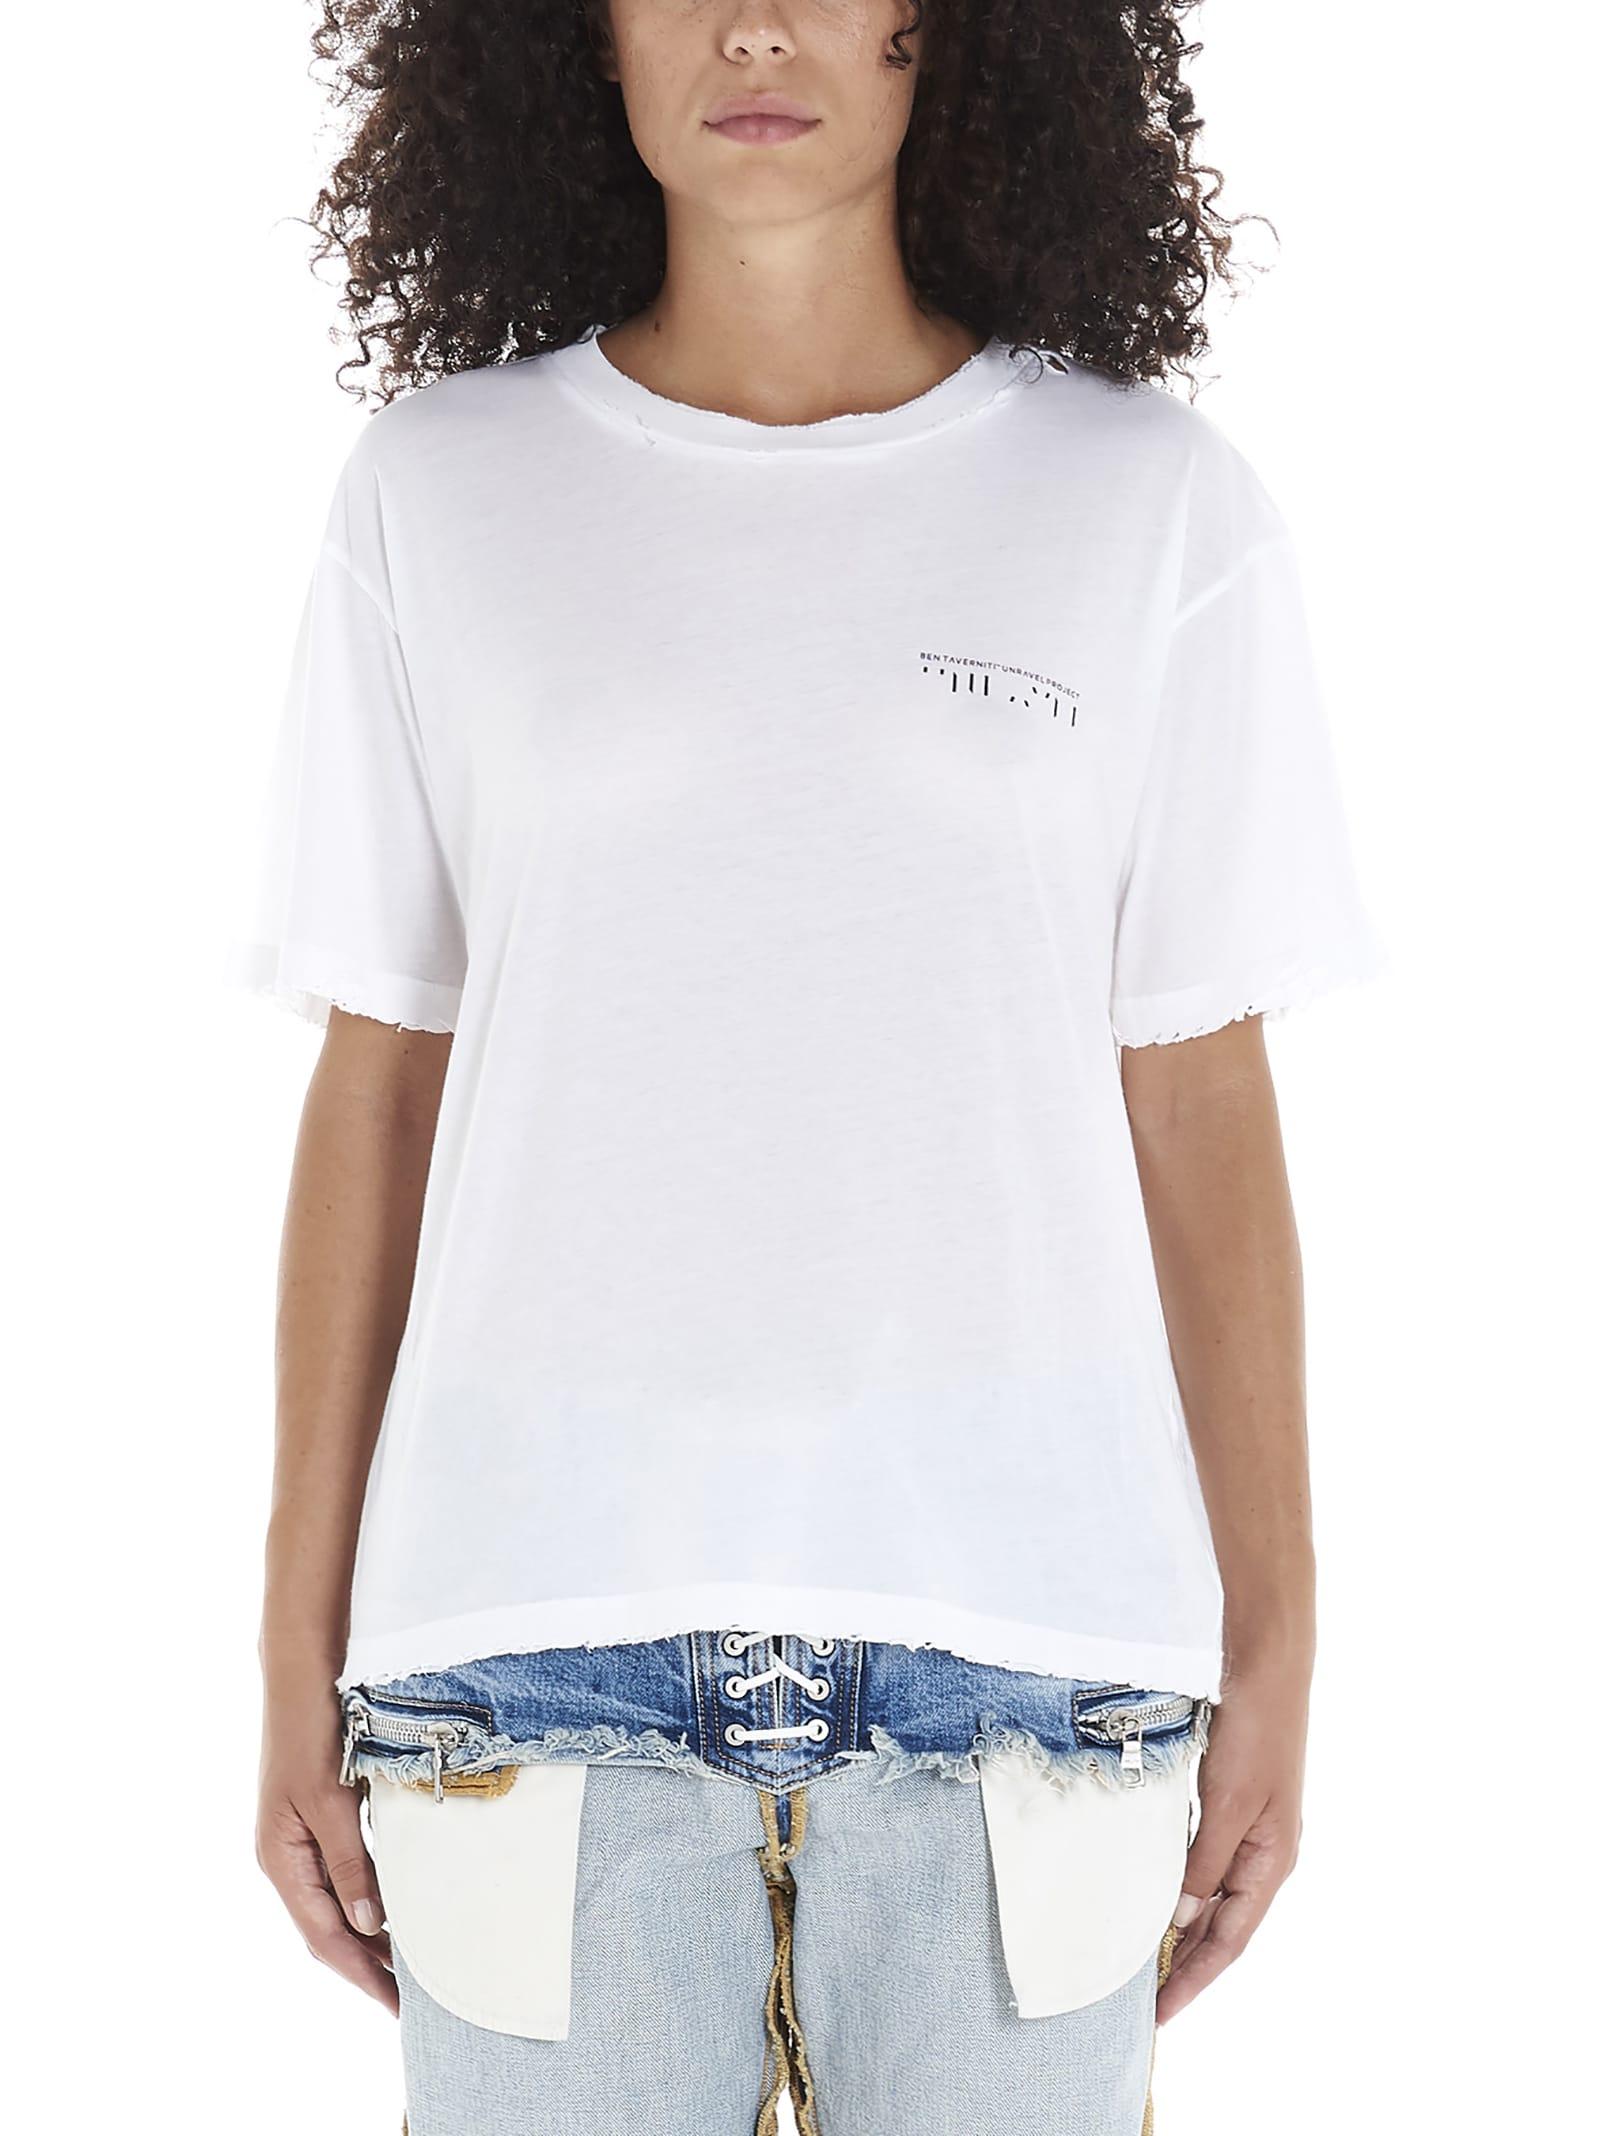 official Jersey Skate T-shirt